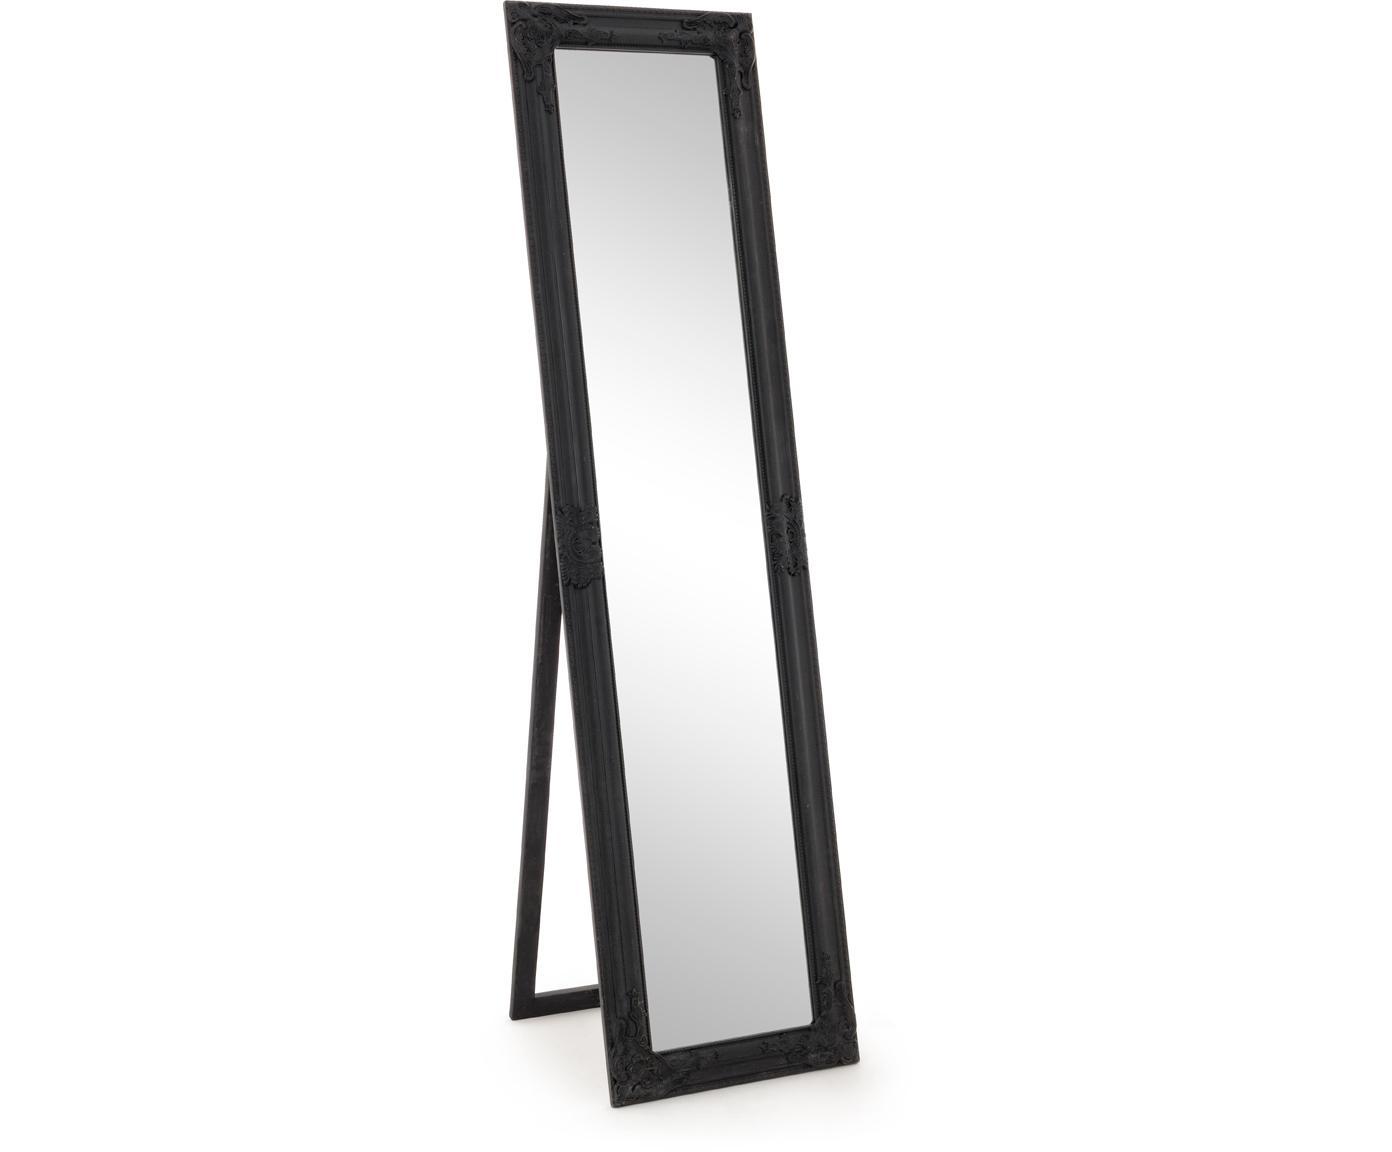 Vloerspiegel Miro met zwarte lijst, Lijst: gecoat hout, Zwart, 40 x 160 cm